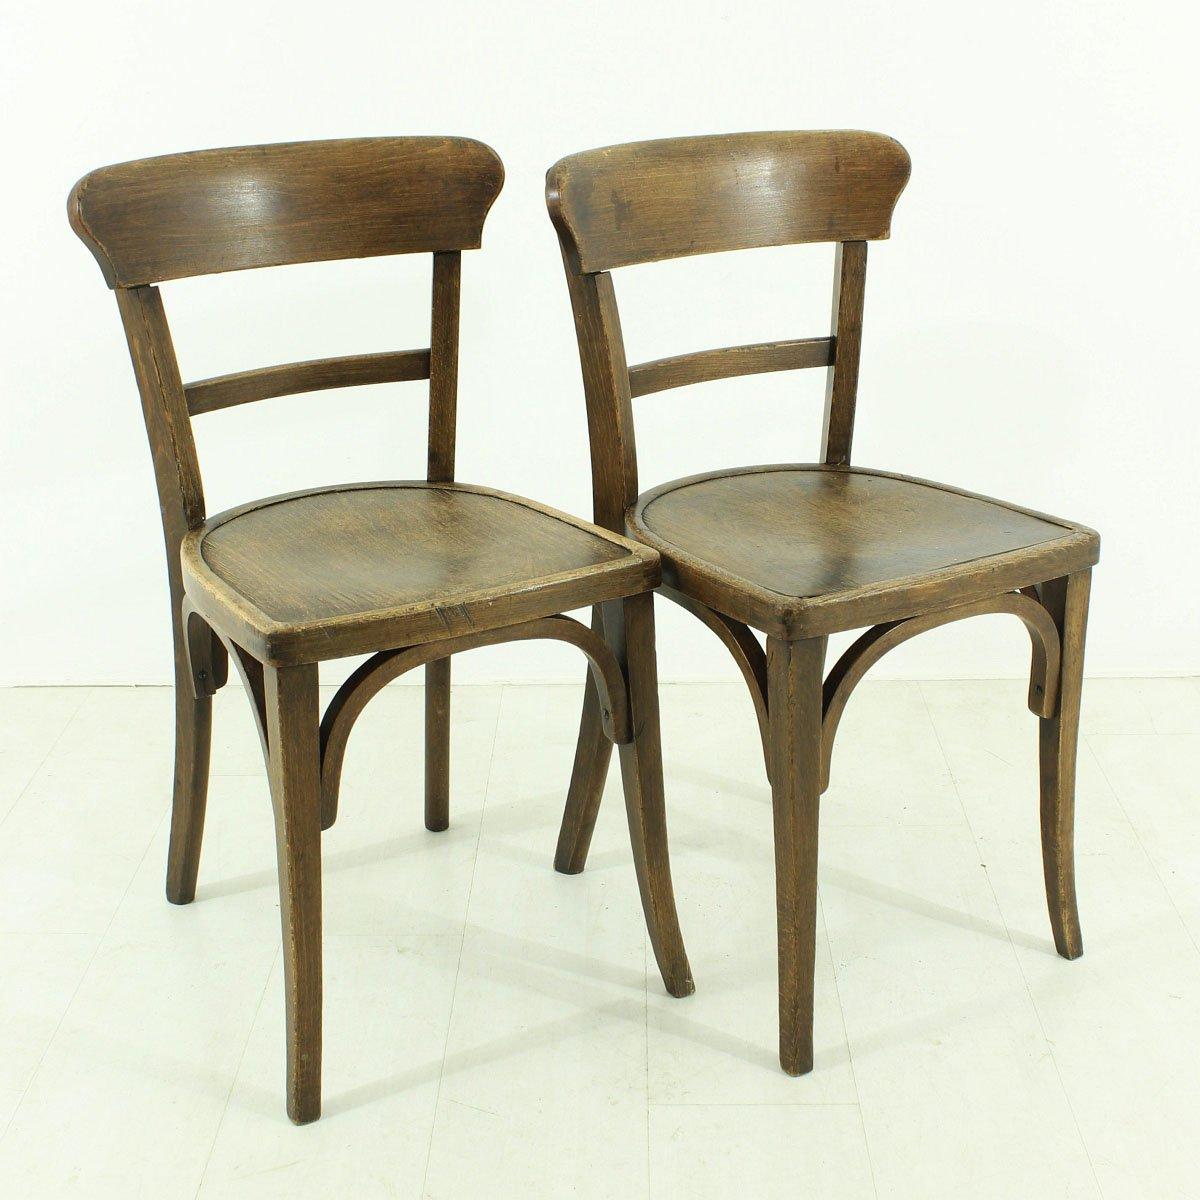 Sedie da pranzo vintage anni 39 30 set di 2 in vendita su for Sedie design anni 20